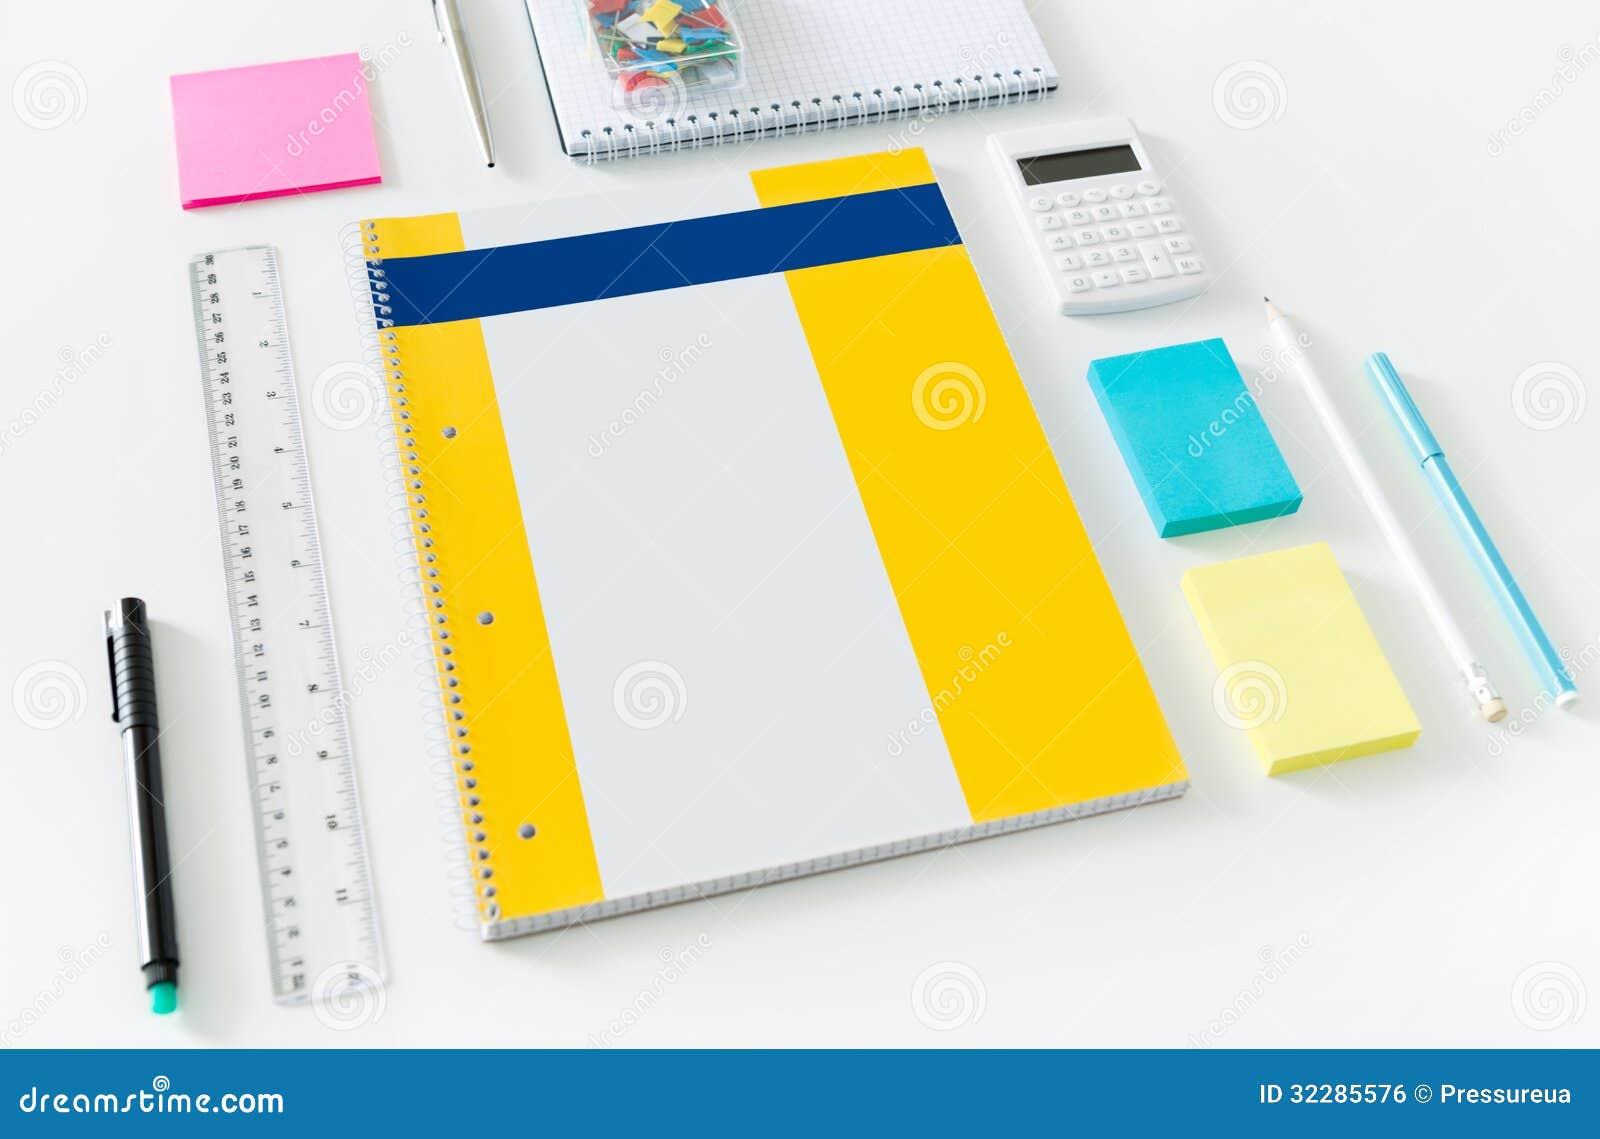 Art culos de la oficina en un escritorio imagen de archivo libre de regal as imagen 32285576 - Articulos de oficina ...